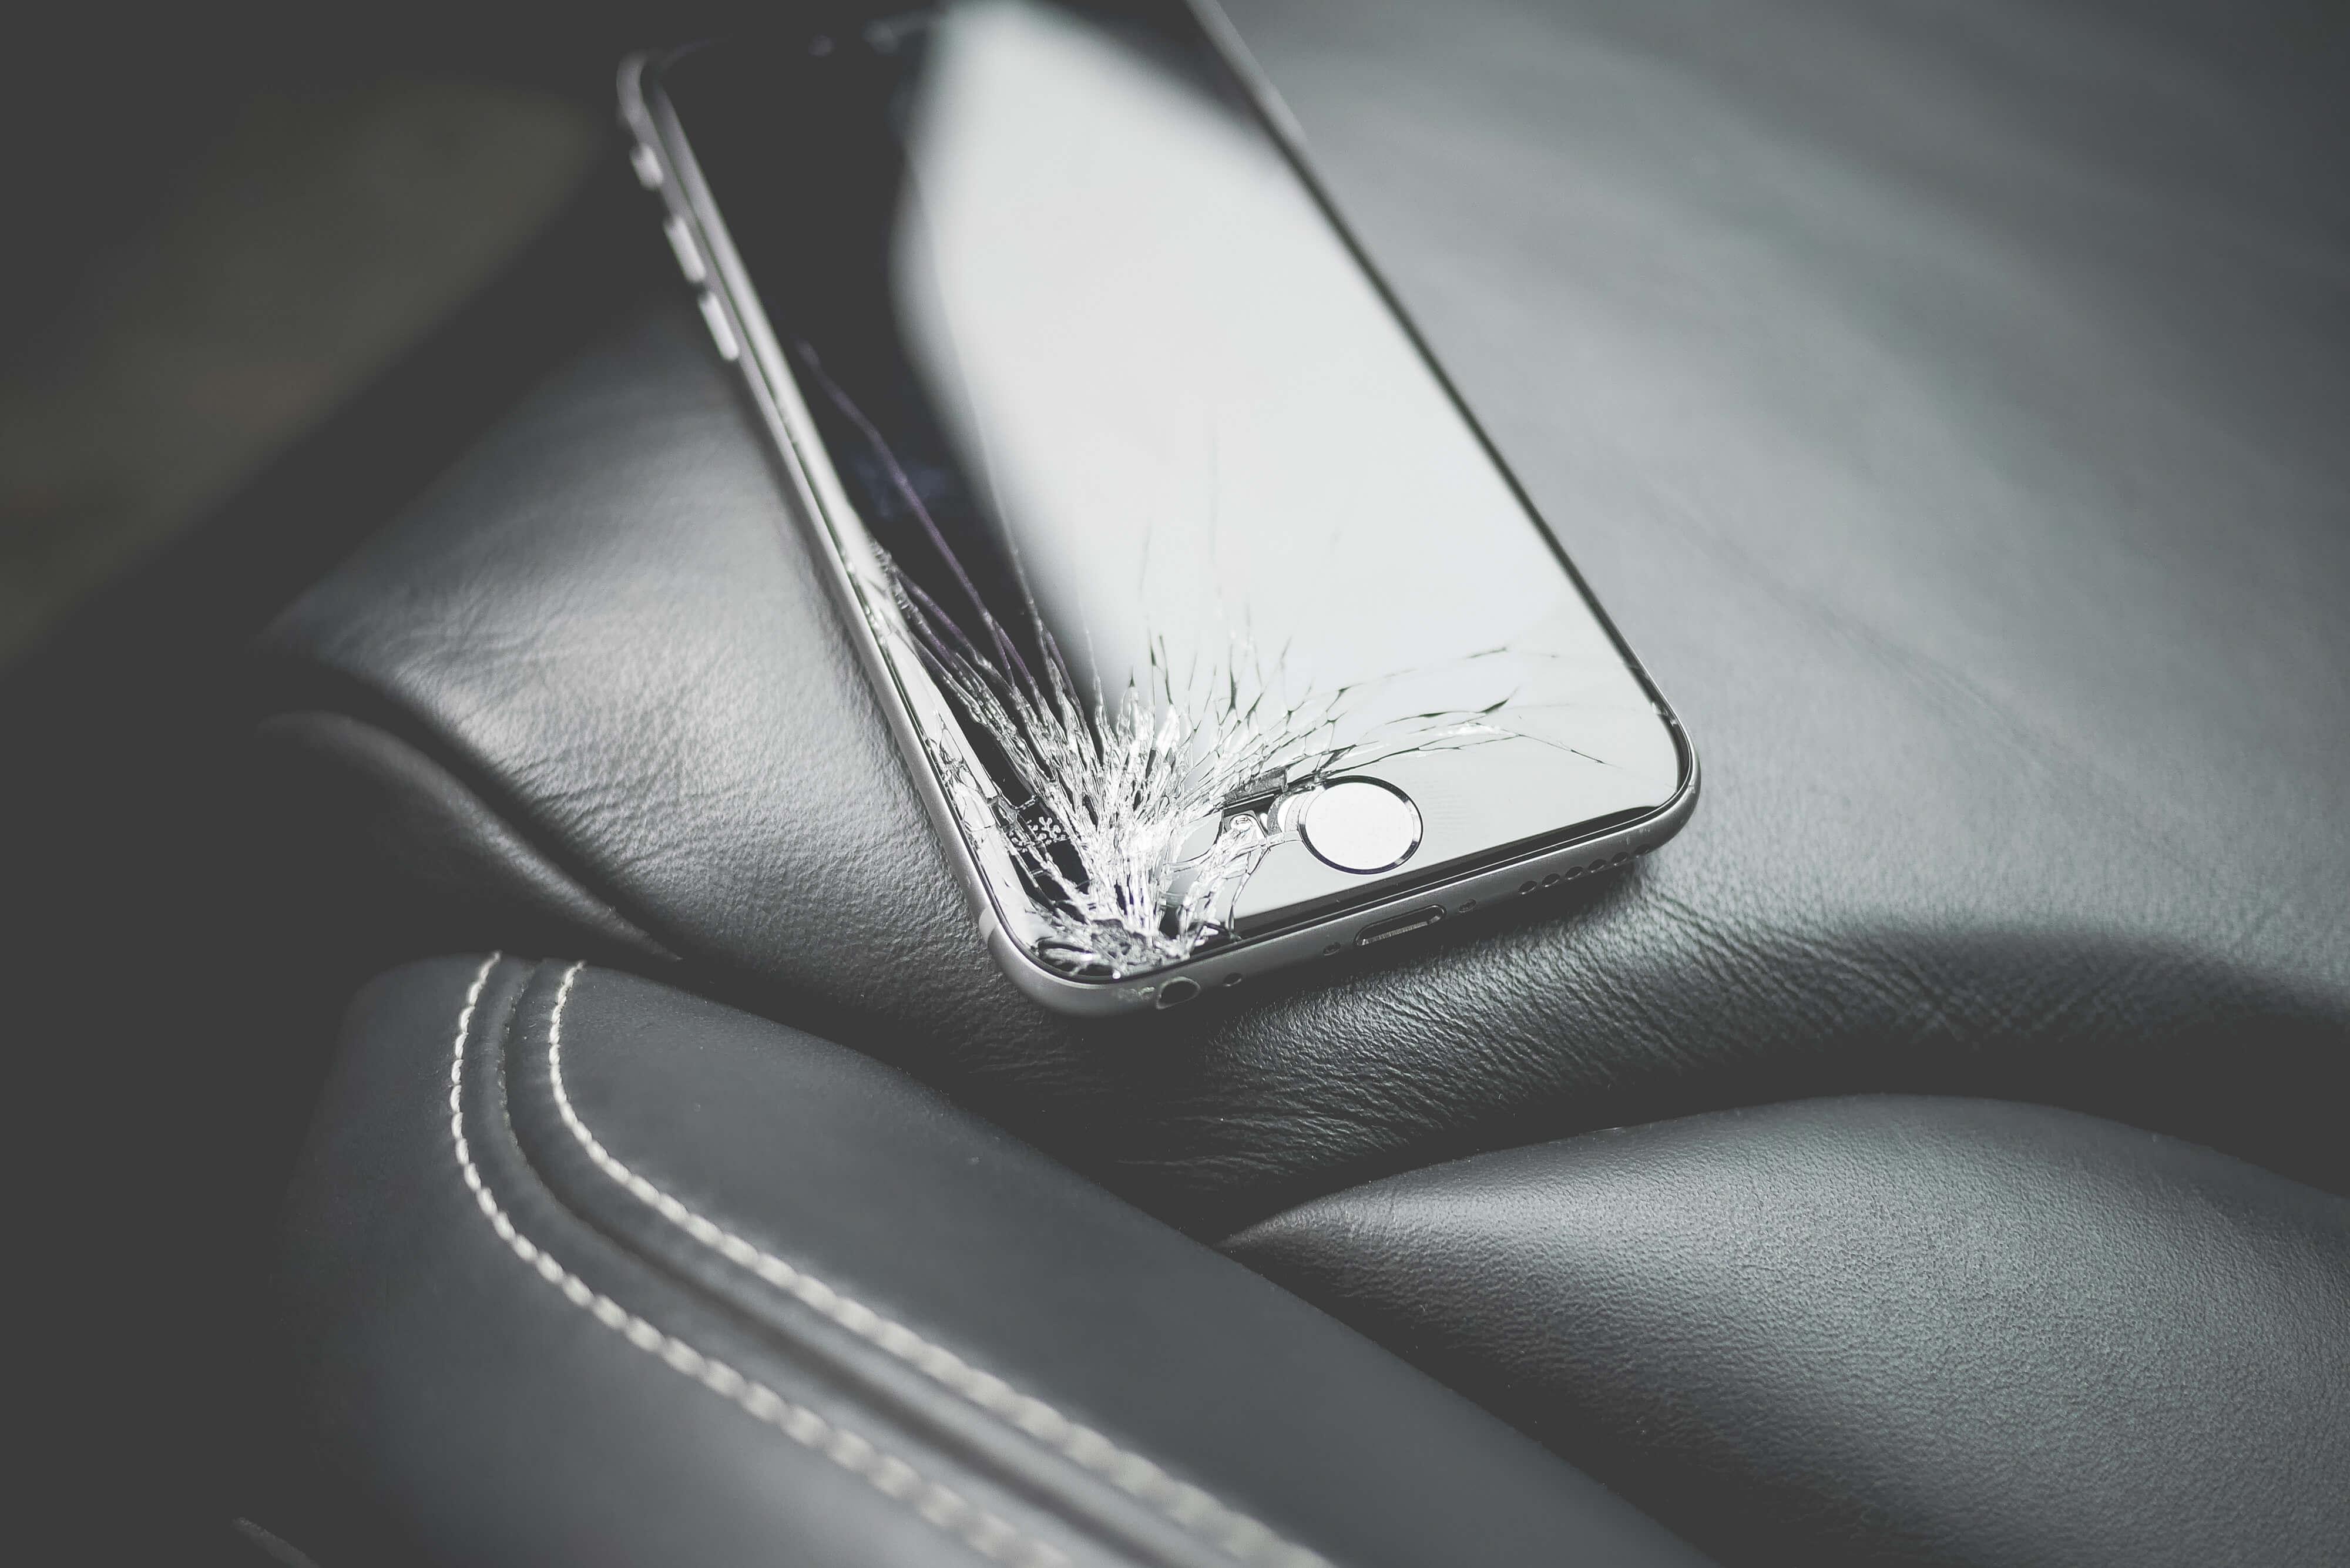 Od kilku lat nie używam już żadnej ochrony na wyświetlacz smartfona. I jest mi z tym dobrze 19